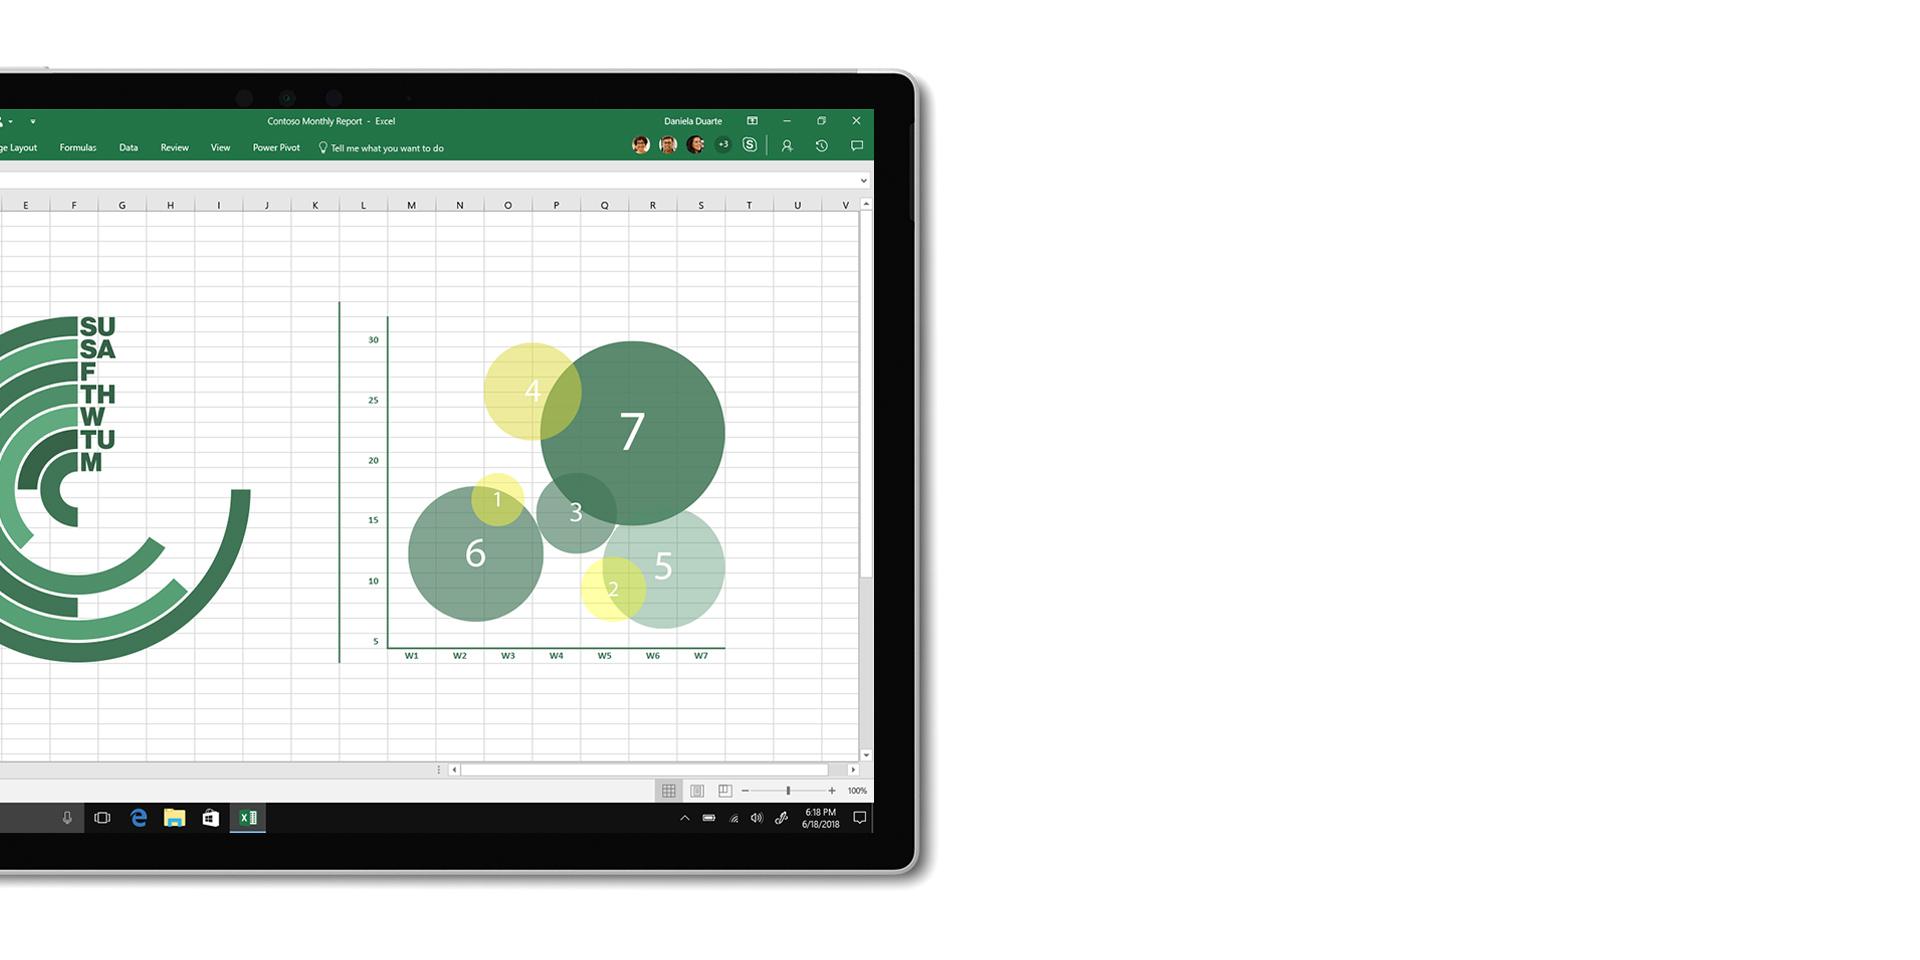 Application Excel affichée sur l'écran de SurfaceBook2, détaché du clavier.